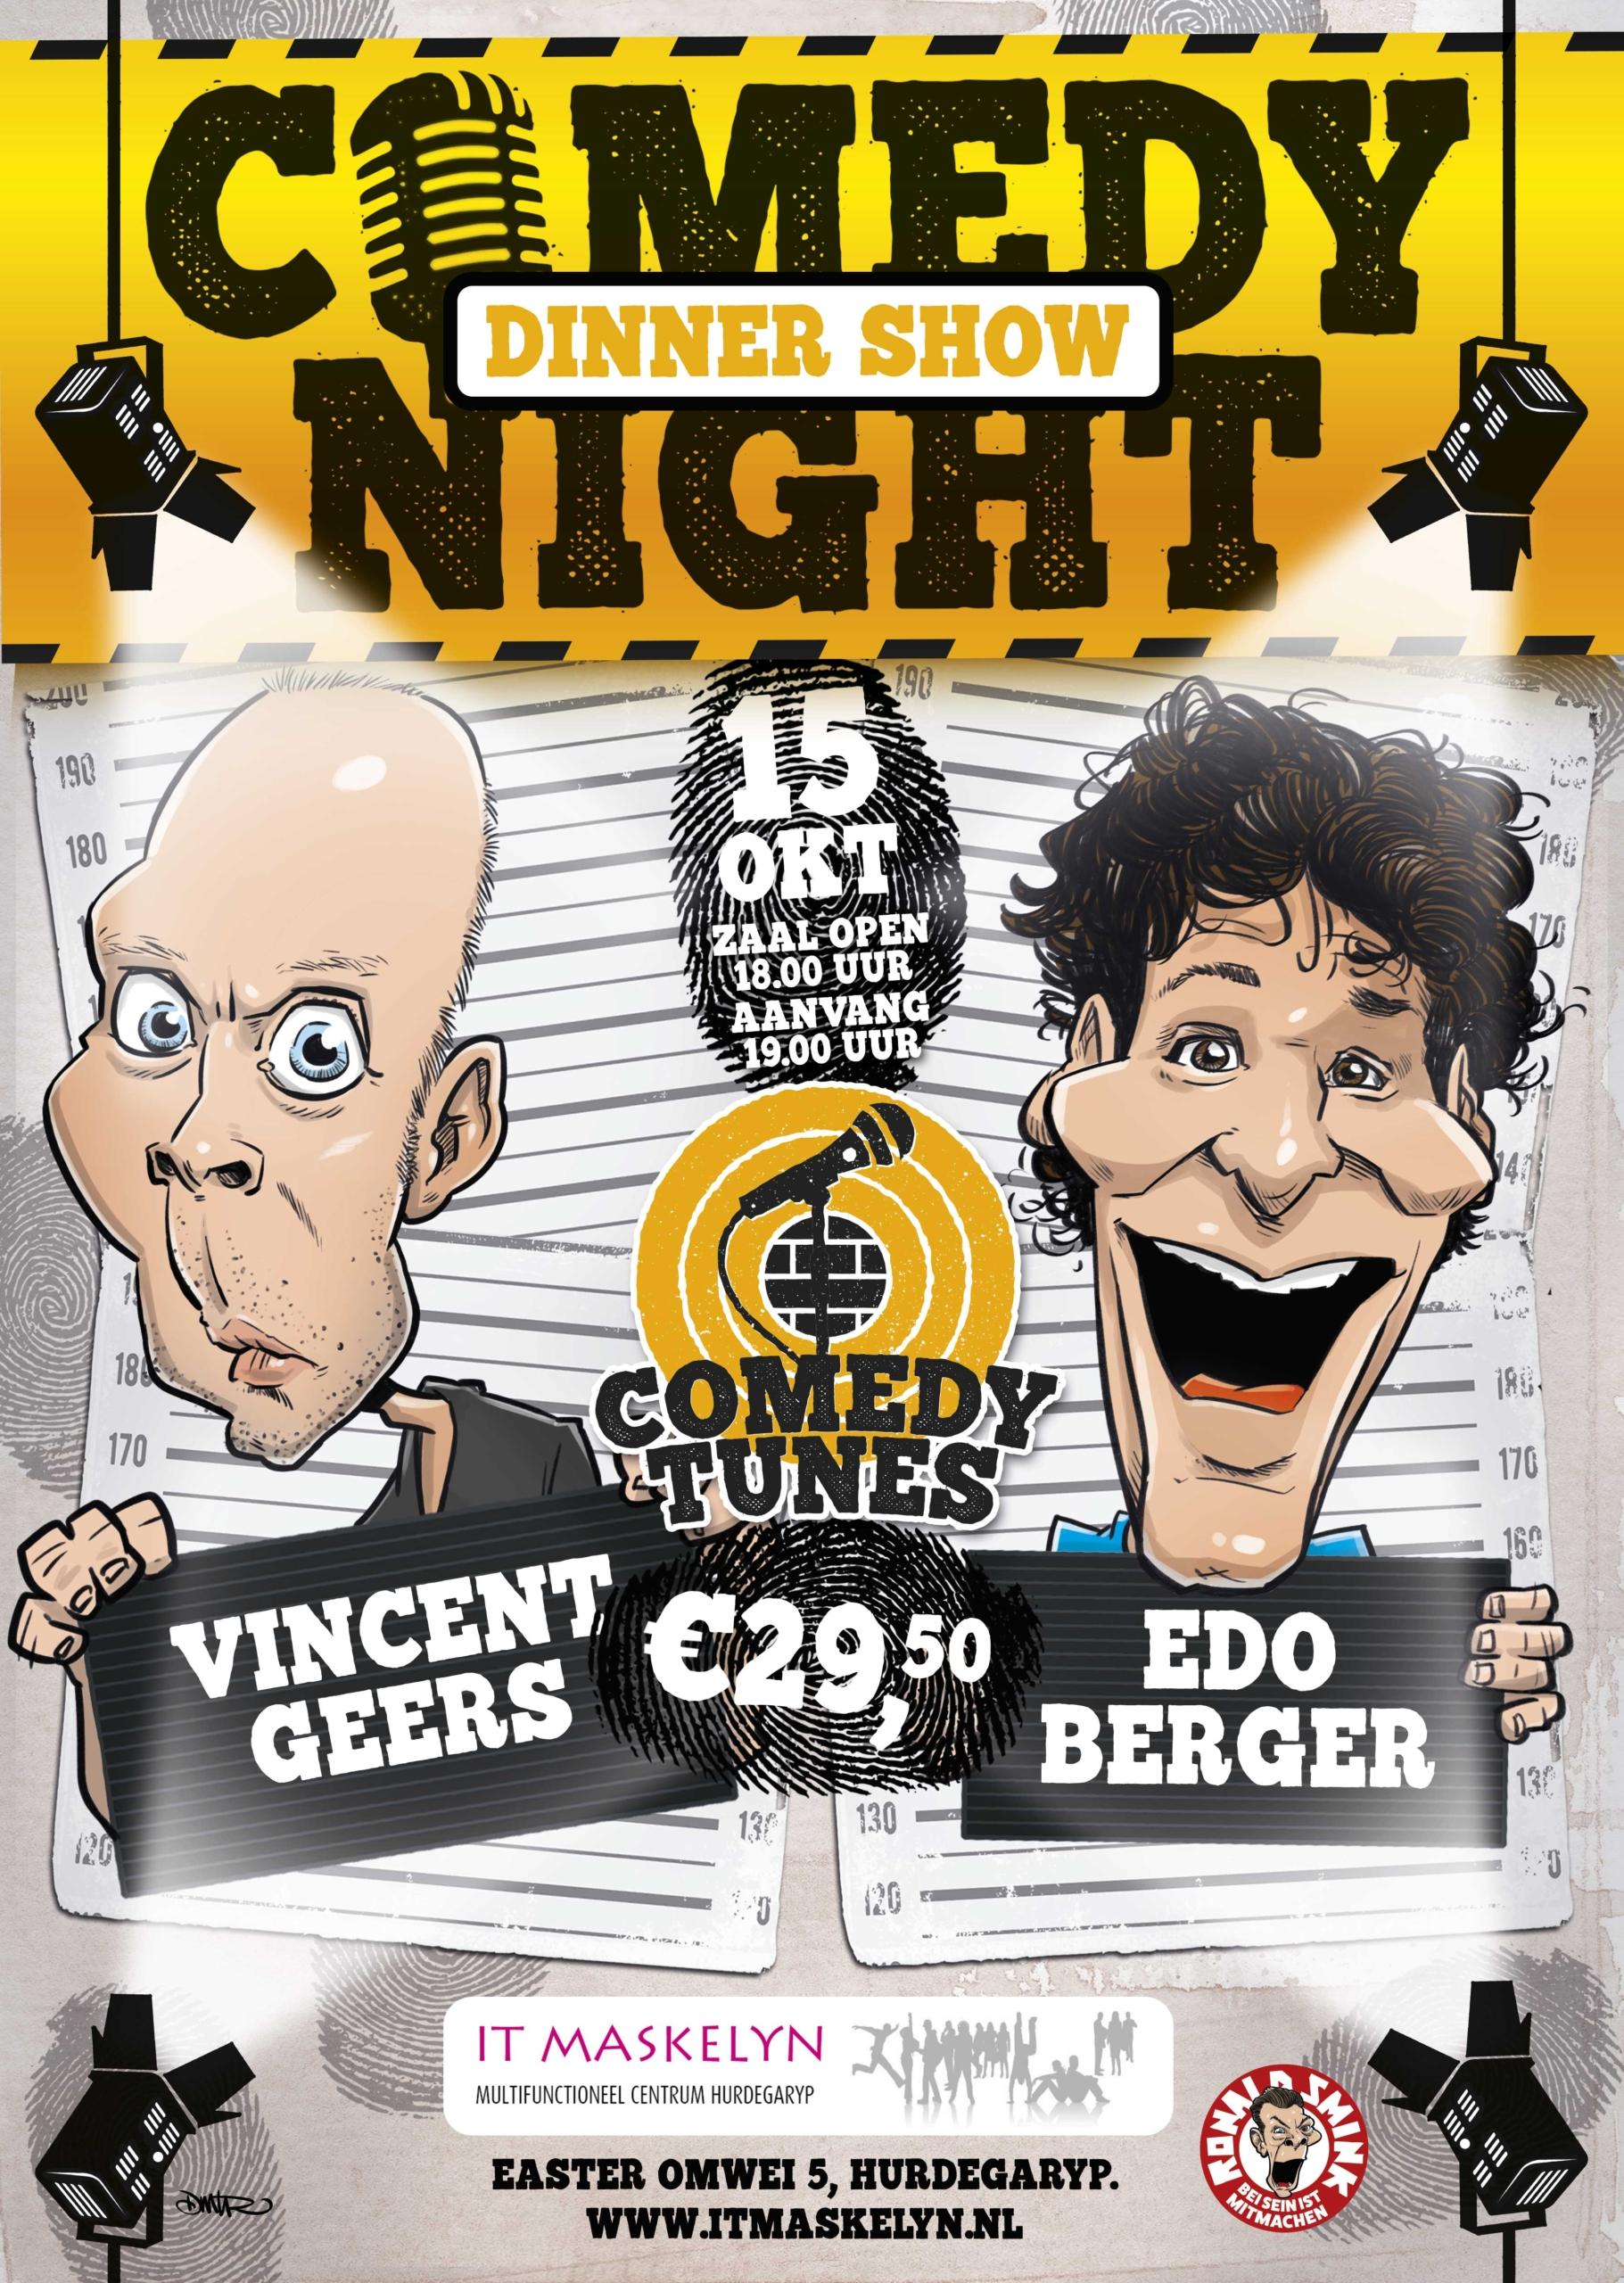 Comedynight Dinner Show met Vincent Geers en Edo Berger